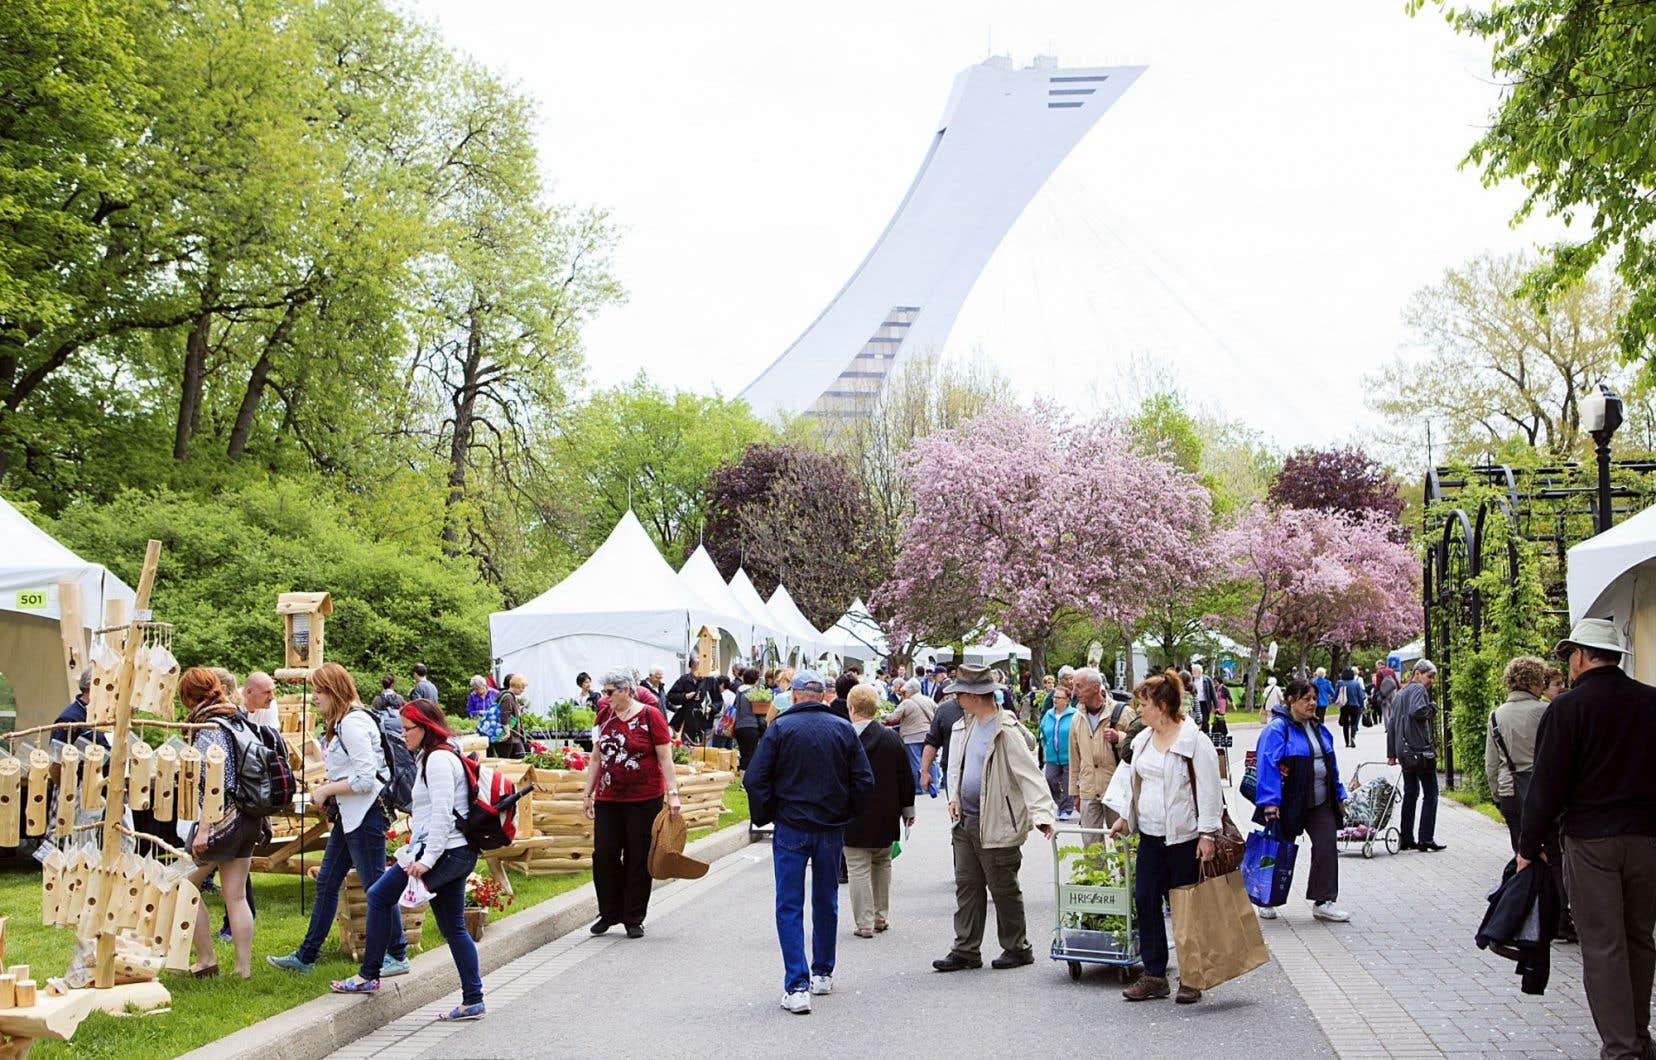 Au carrefour du Jardin botanique, vous trouverez des horticulteurs pour répondre à vos questions, mais la vente de végétaux du Jardin se fera à la boutique L'Orchidée.